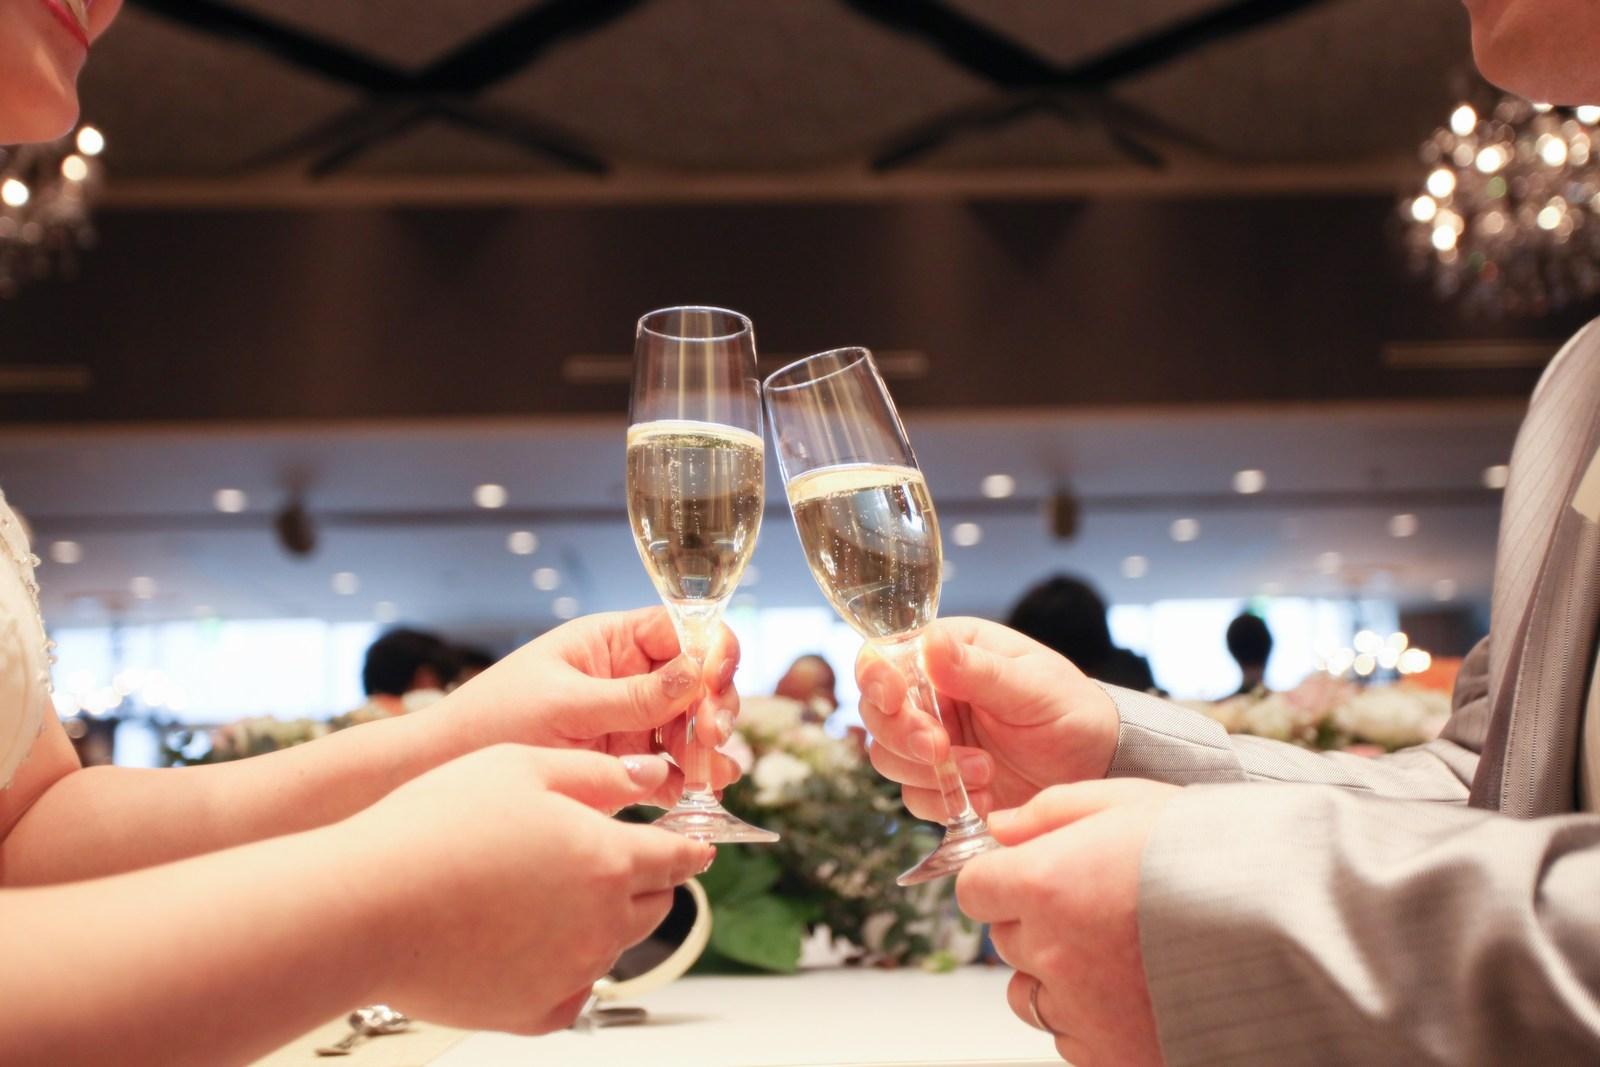 徳島市の結婚式場ブランアンジュの披露宴会場で乾杯のグラスを合わせる新郎新婦